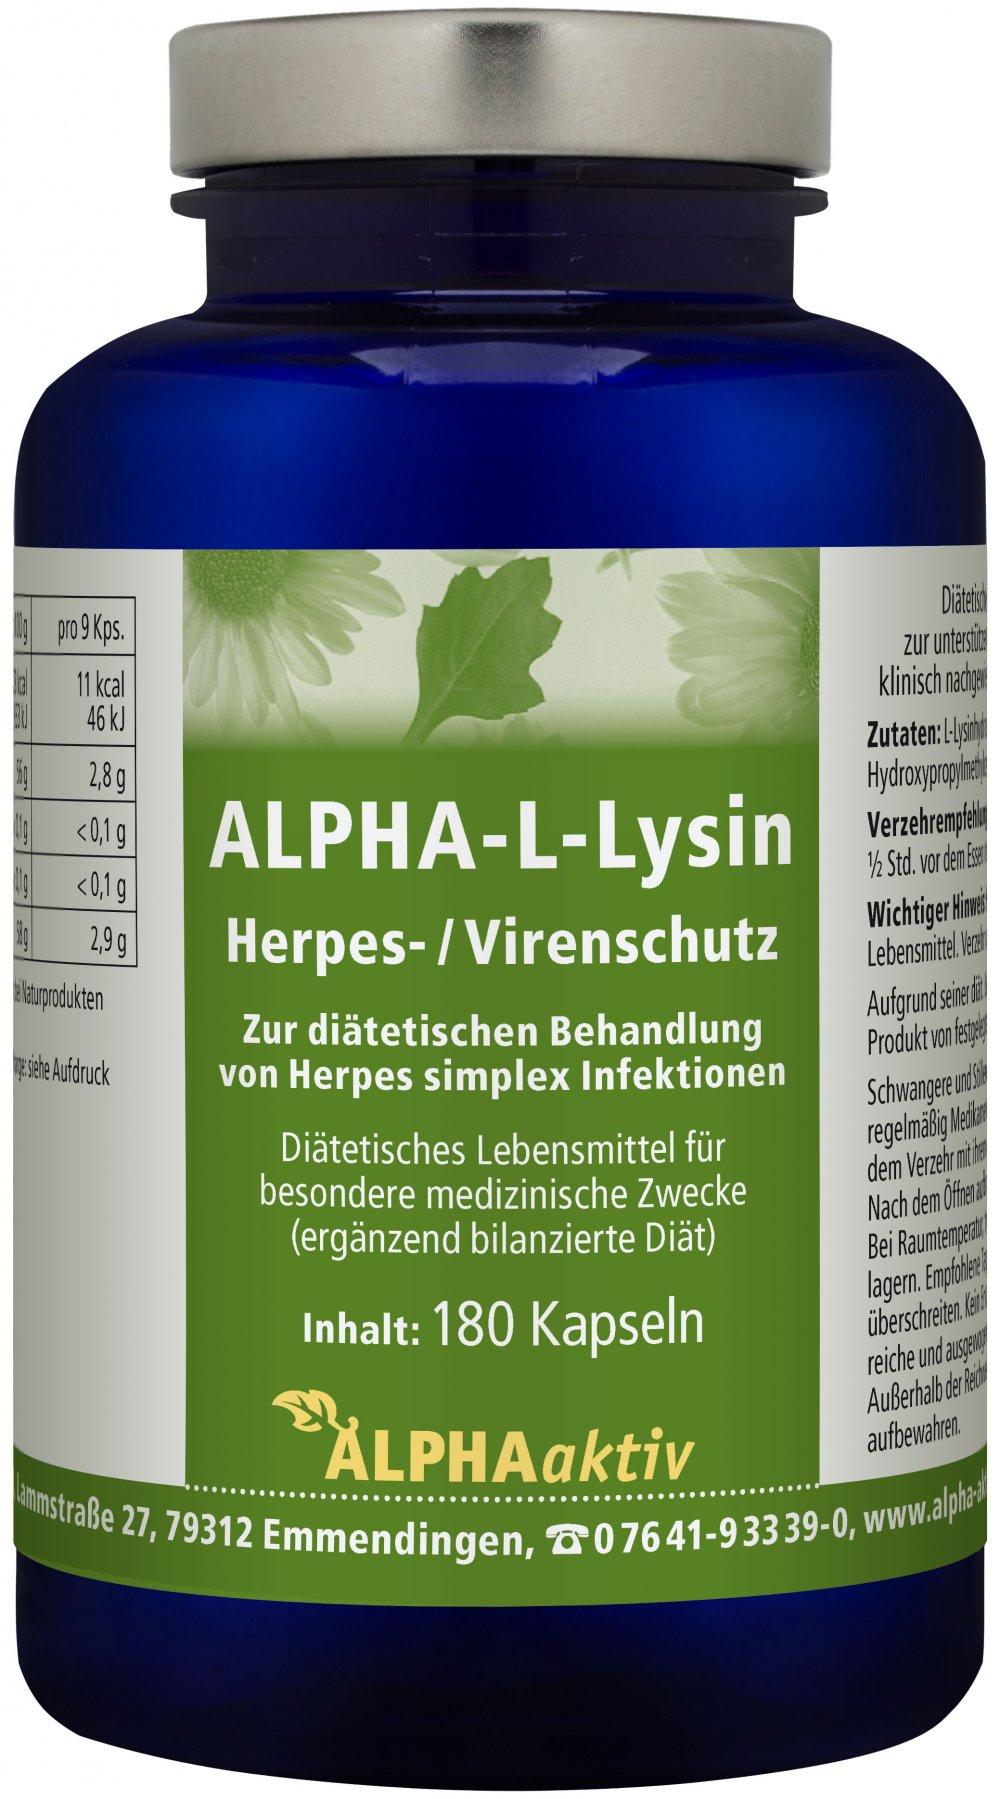 Biopure - L-Lysin/Herpesschutz